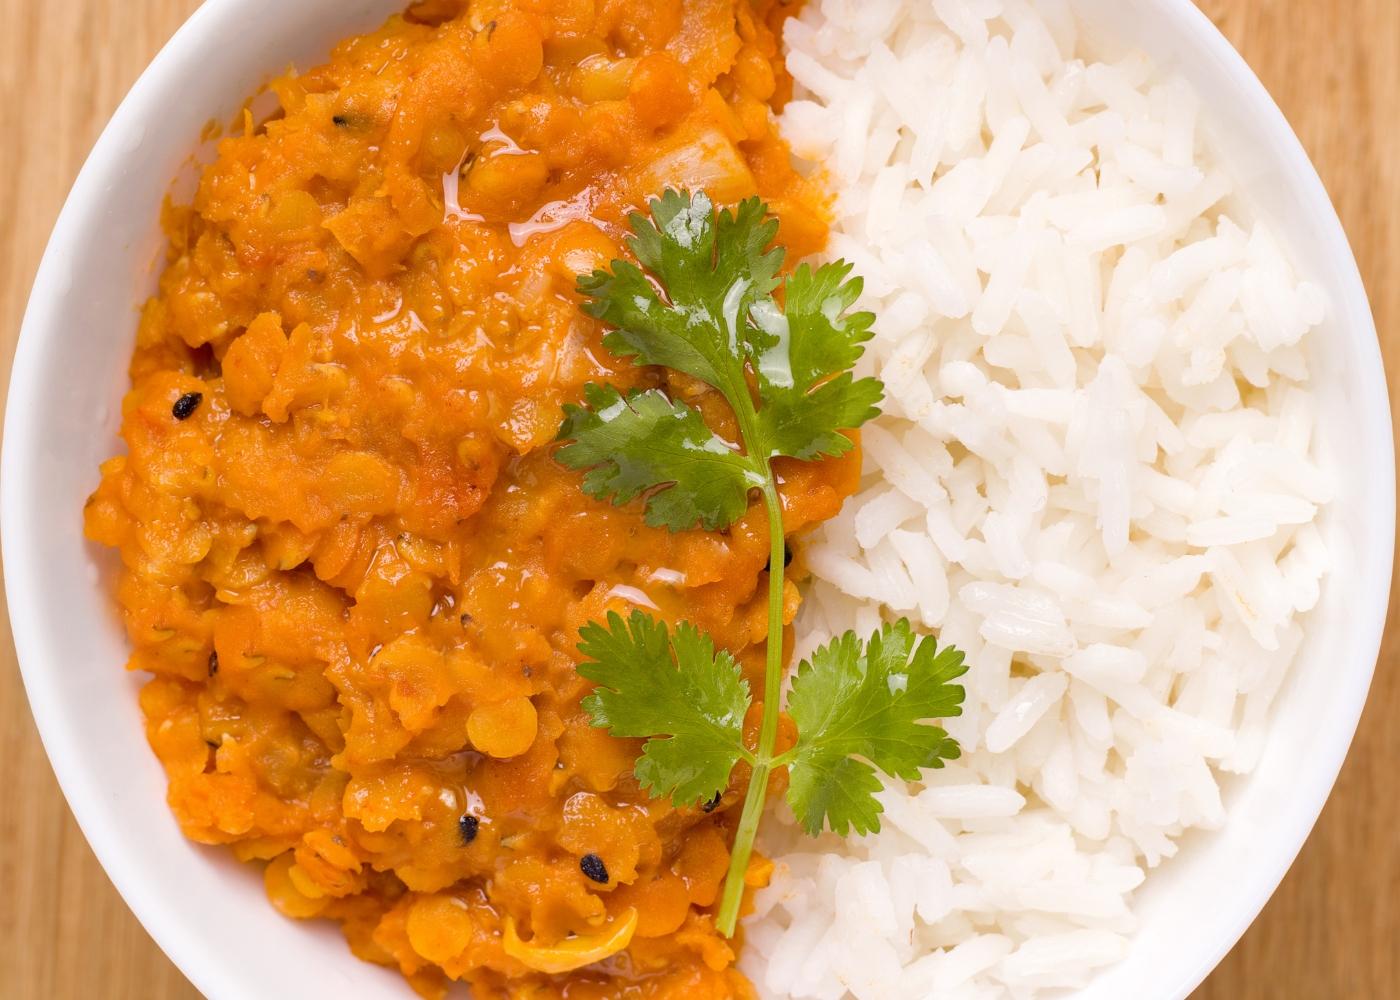 receita de caril de lentilhas e abóbora com arroz de couve-flor